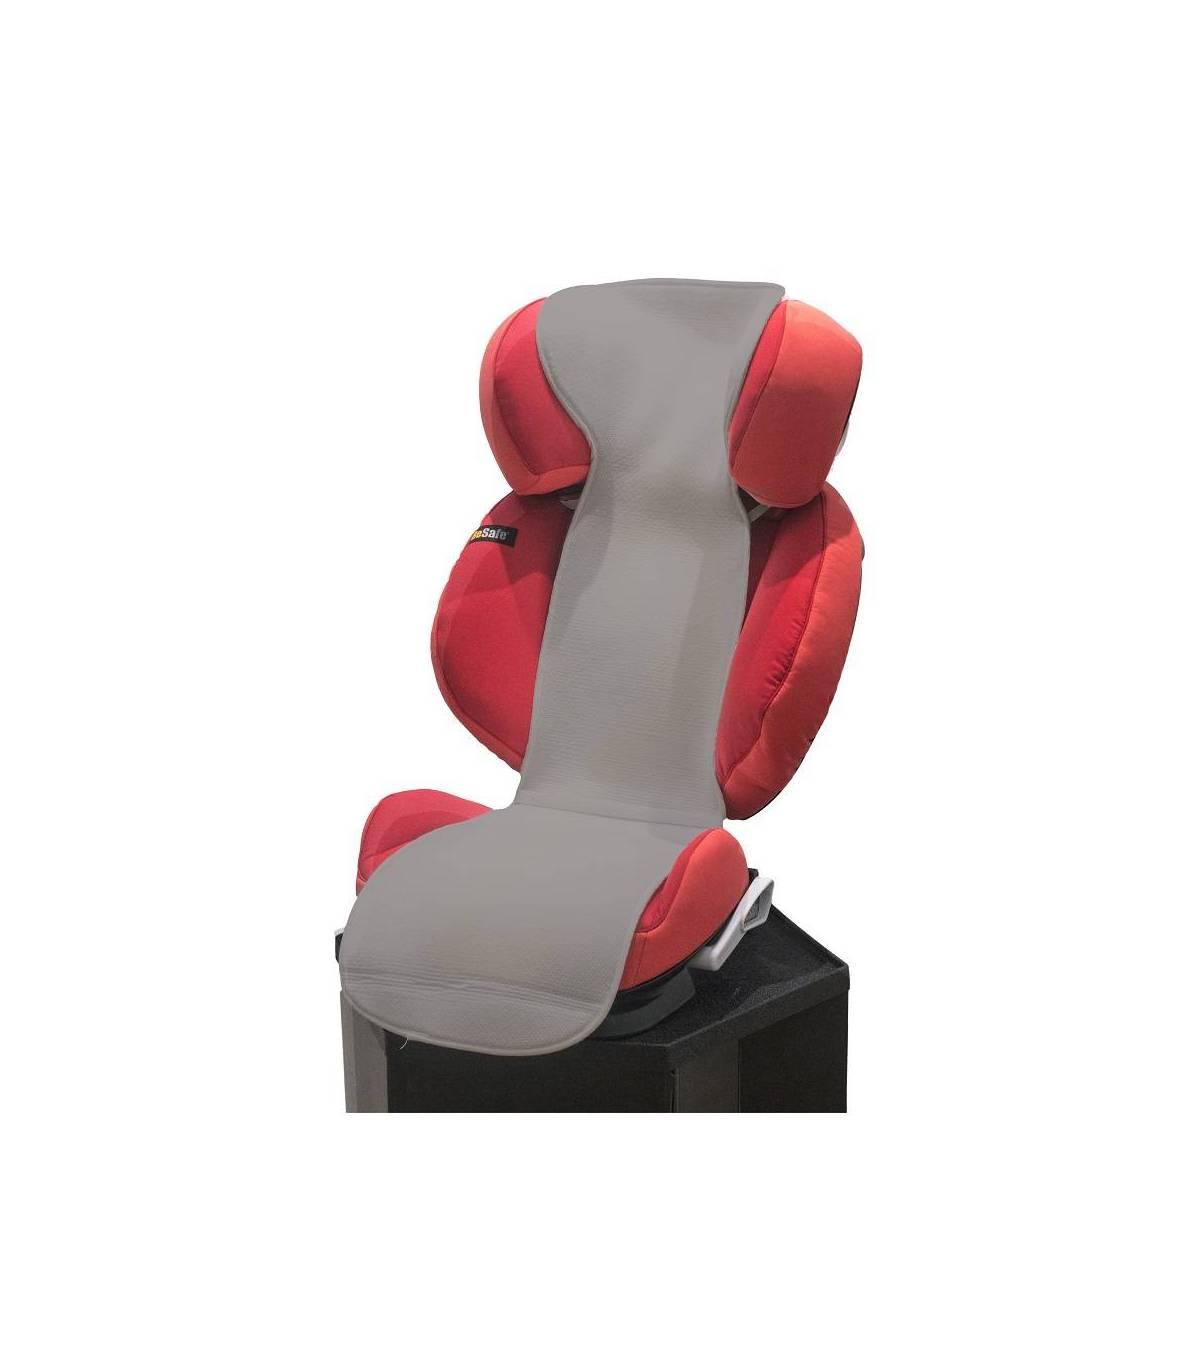 Kuli Muli Autositzauflage für Baby-Schalen (Gruppe 0+) Grau